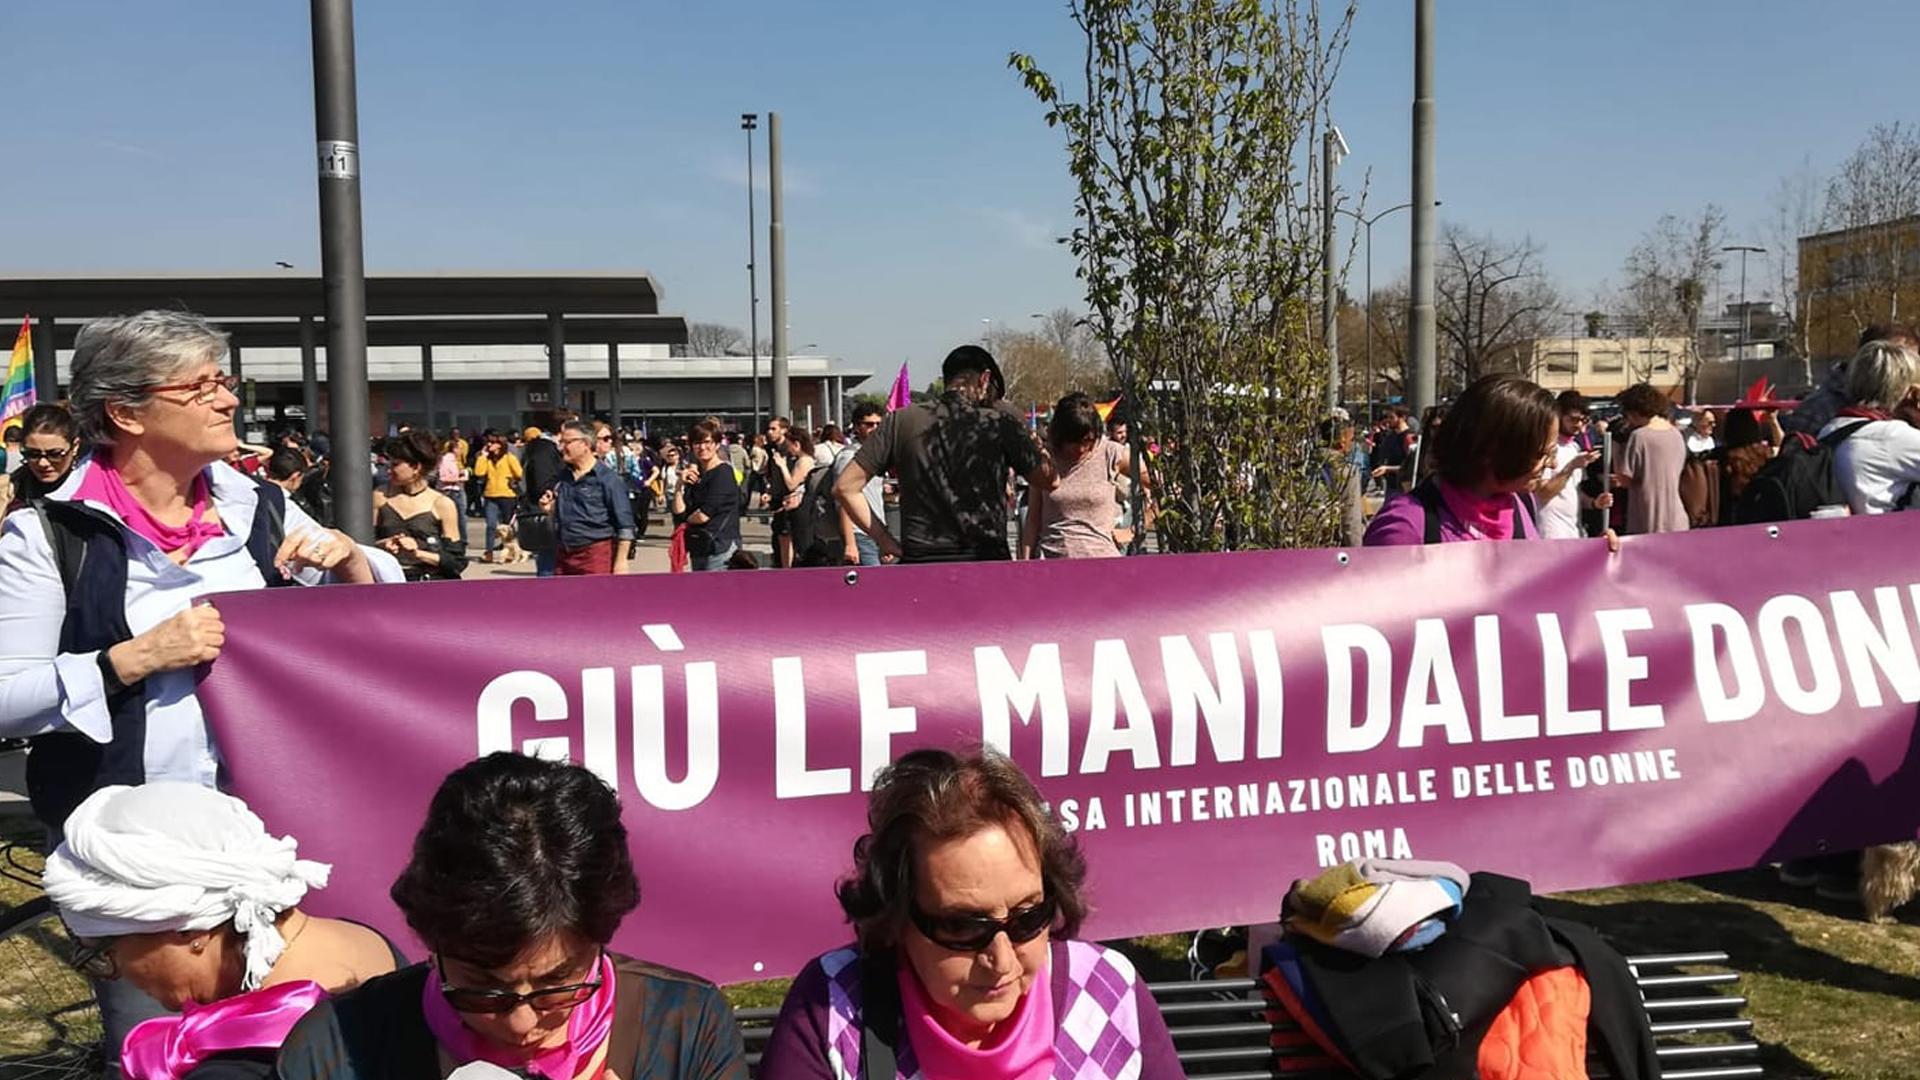 Casa Internazionale delle Donne